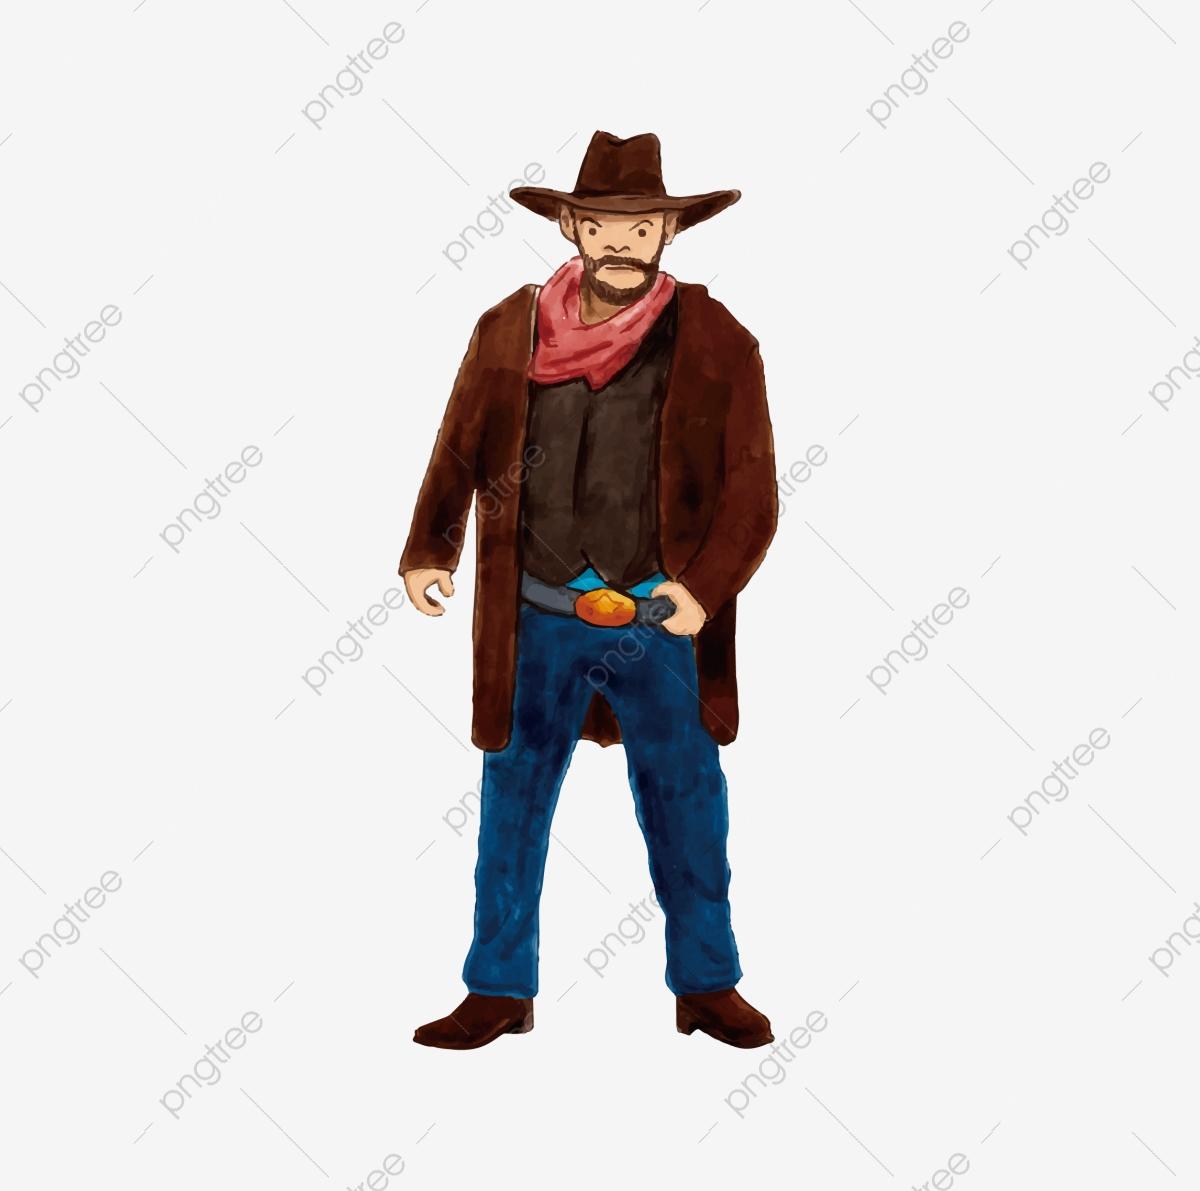 Cowboy, Cowboy Clipart, Cartoon Characters PNG Transparent Clipart.